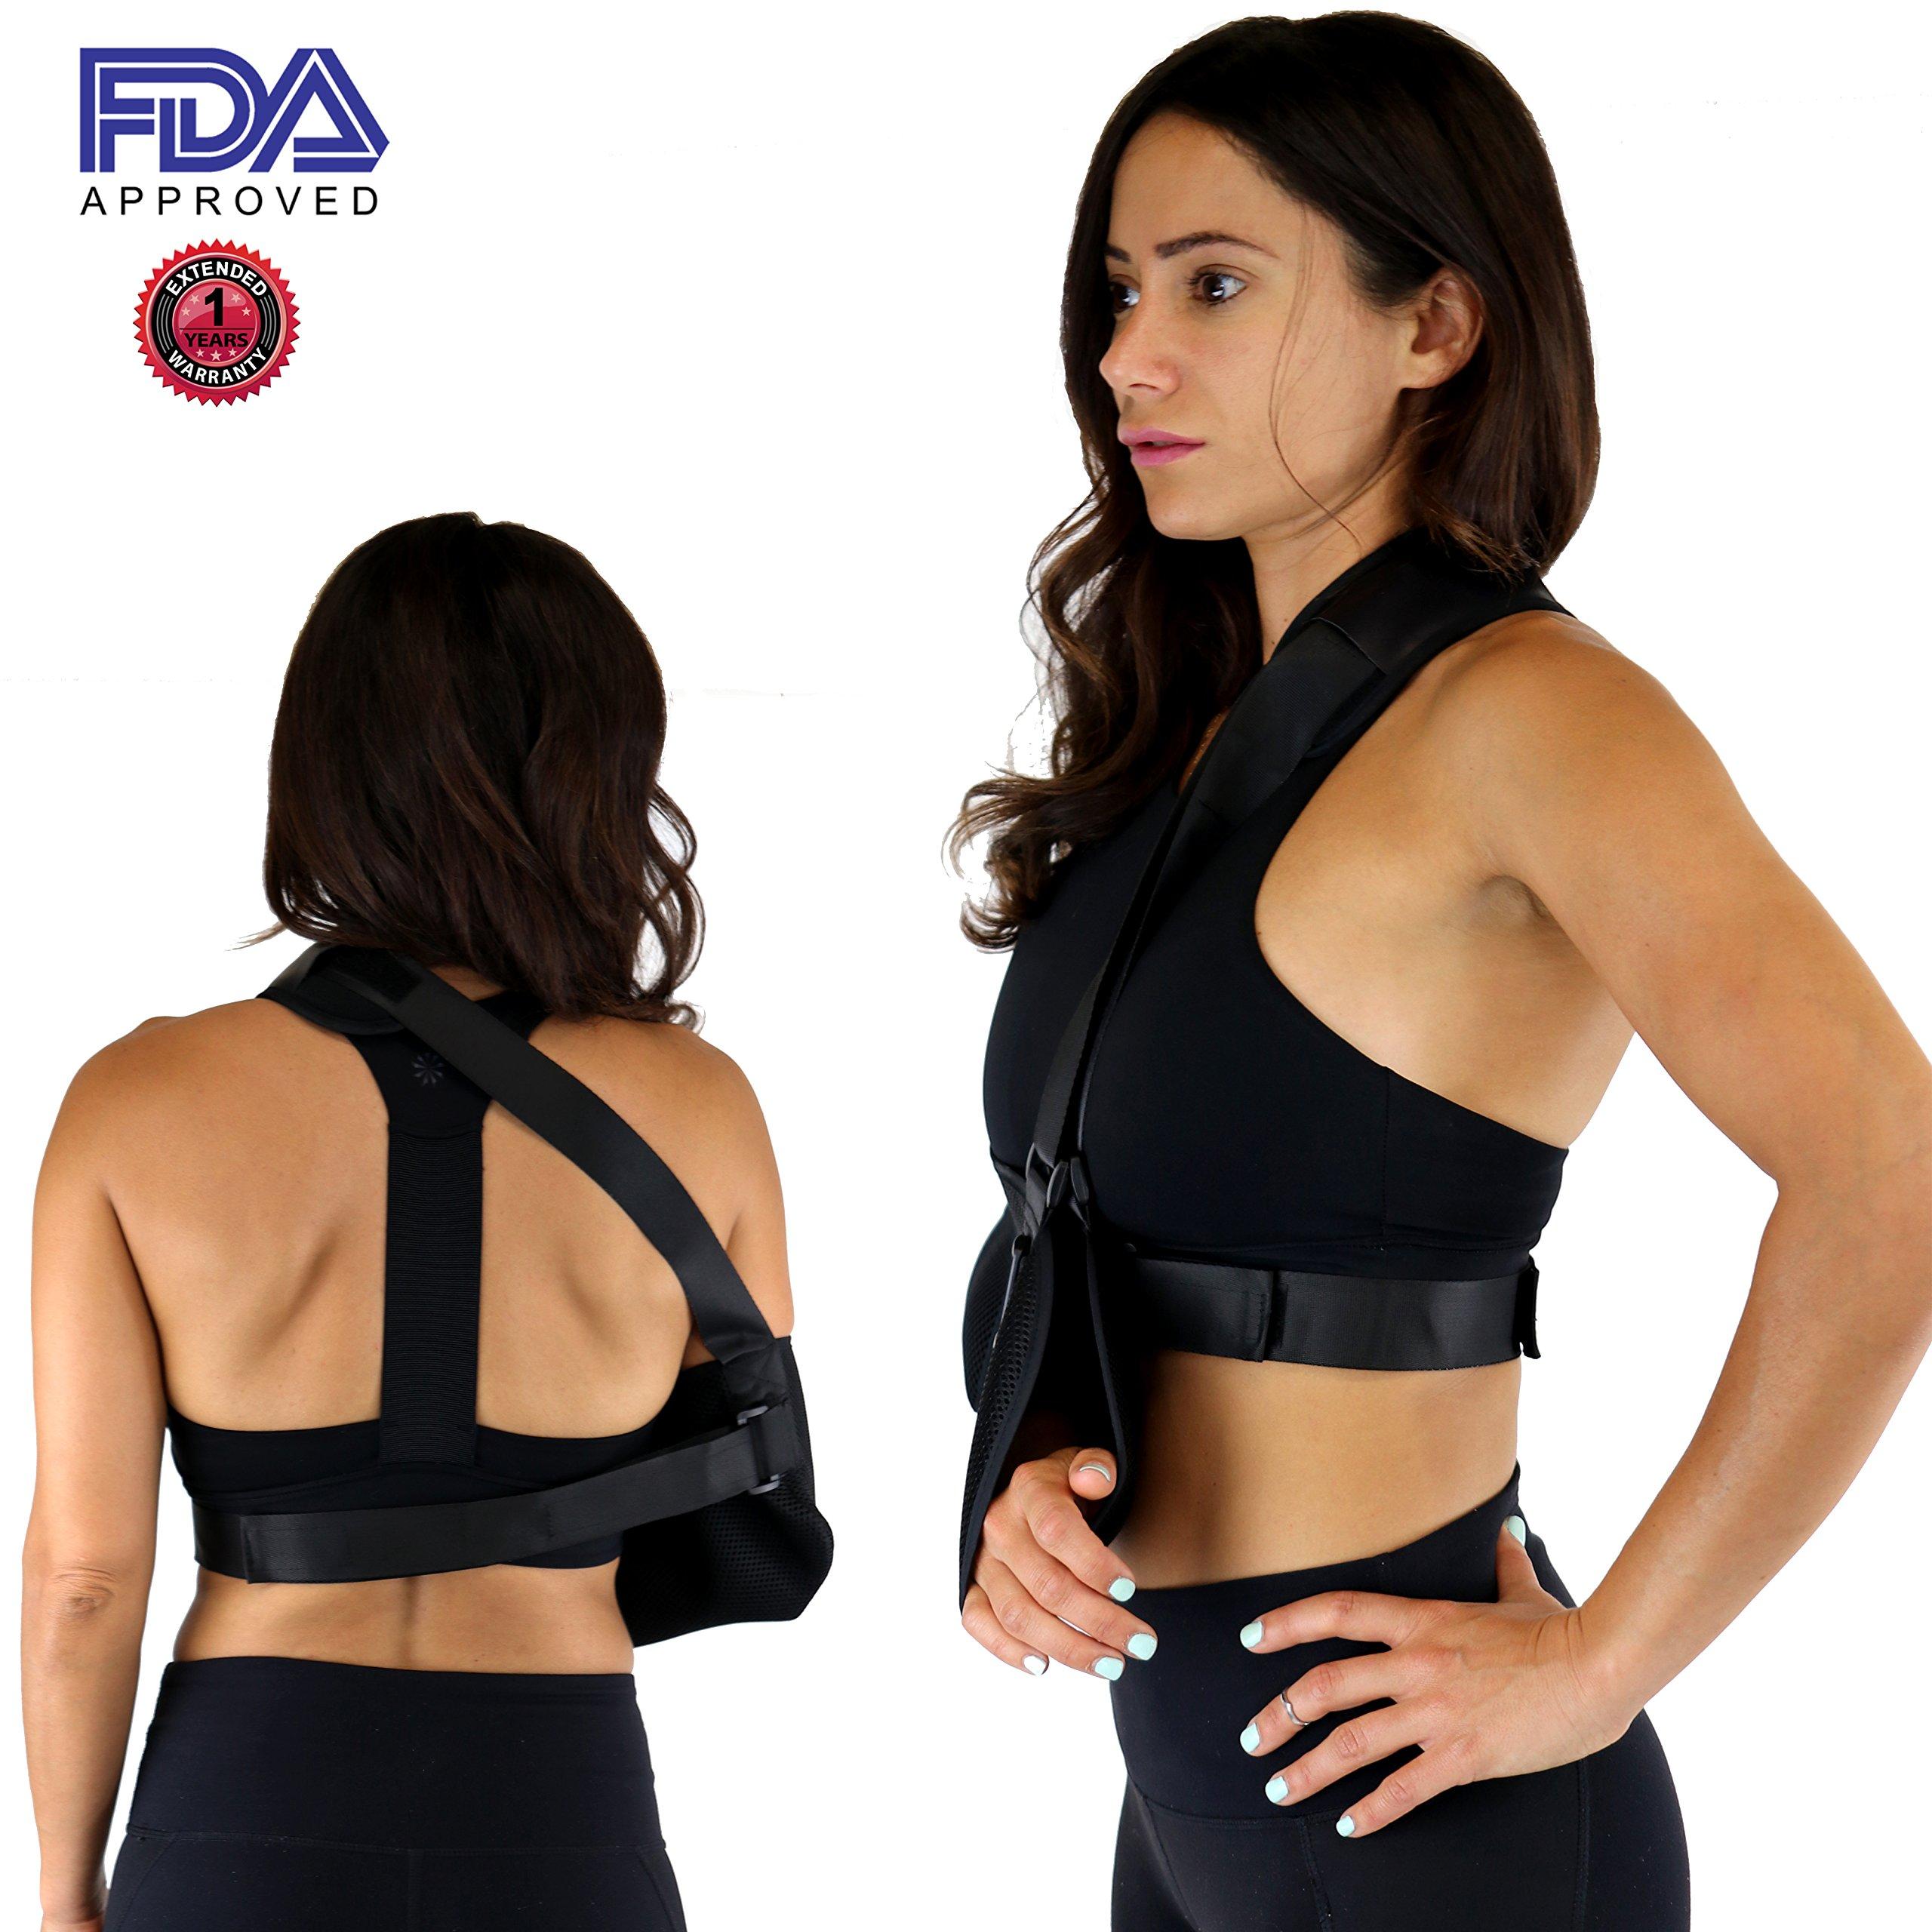 Everyday Medical Adjustable Arm Sling Support for Womens/Mens Shoulder Immobilizer with Adjustable Split Strap Neoprene Arm Sling Good for Treats Injured Arm, Wrist, Elbow, Shoulder, Etc